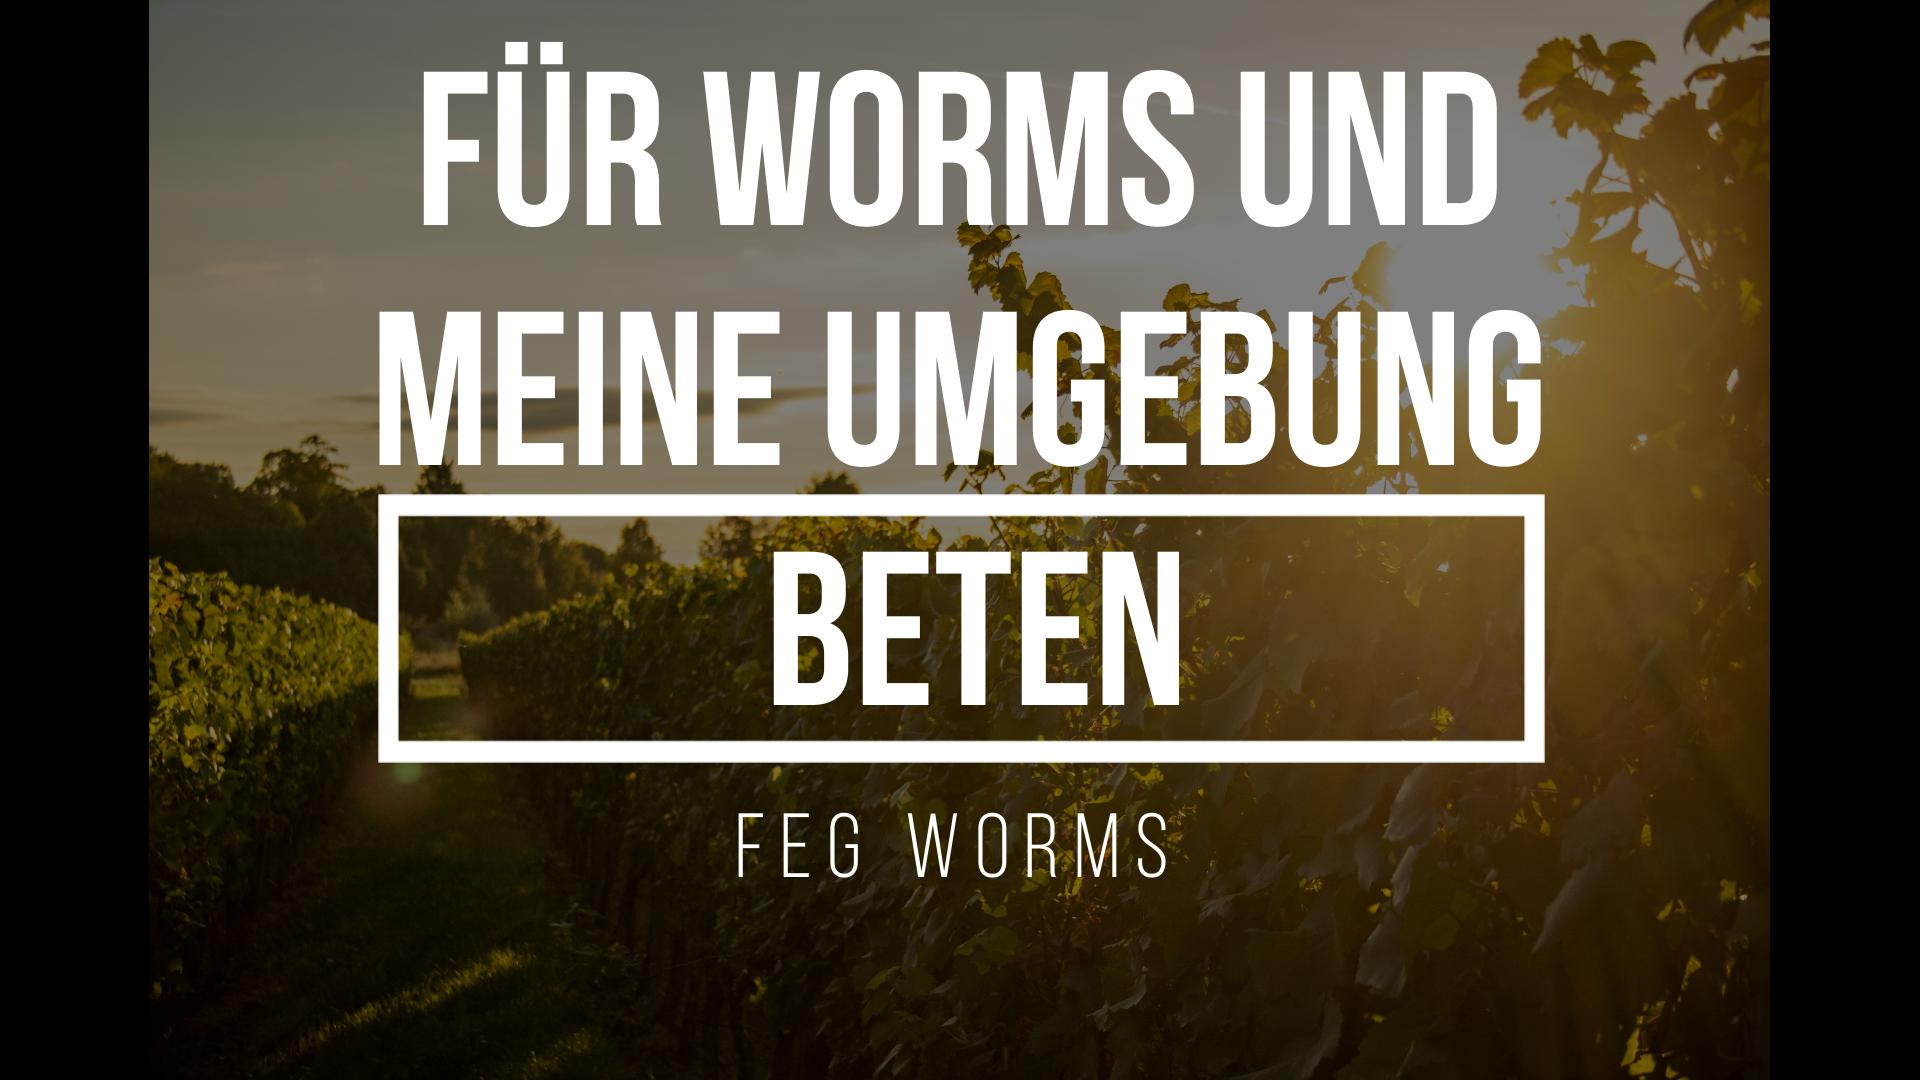 Für Worms und meine Umgebung beten